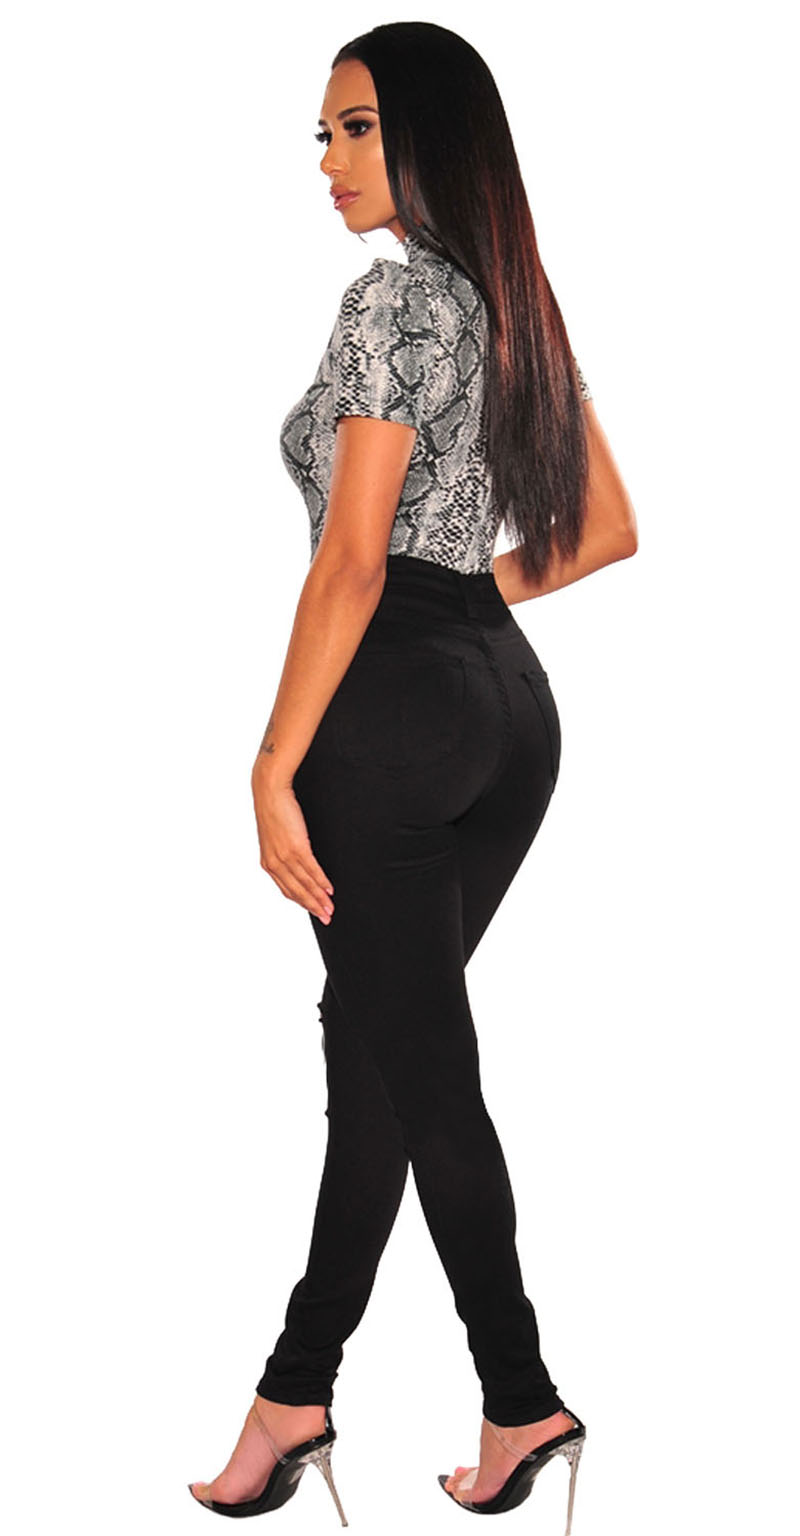 Gray-Snake-Print-Mock-Neck-Short-Sleeves-Bodysuit-LC32345-11-4